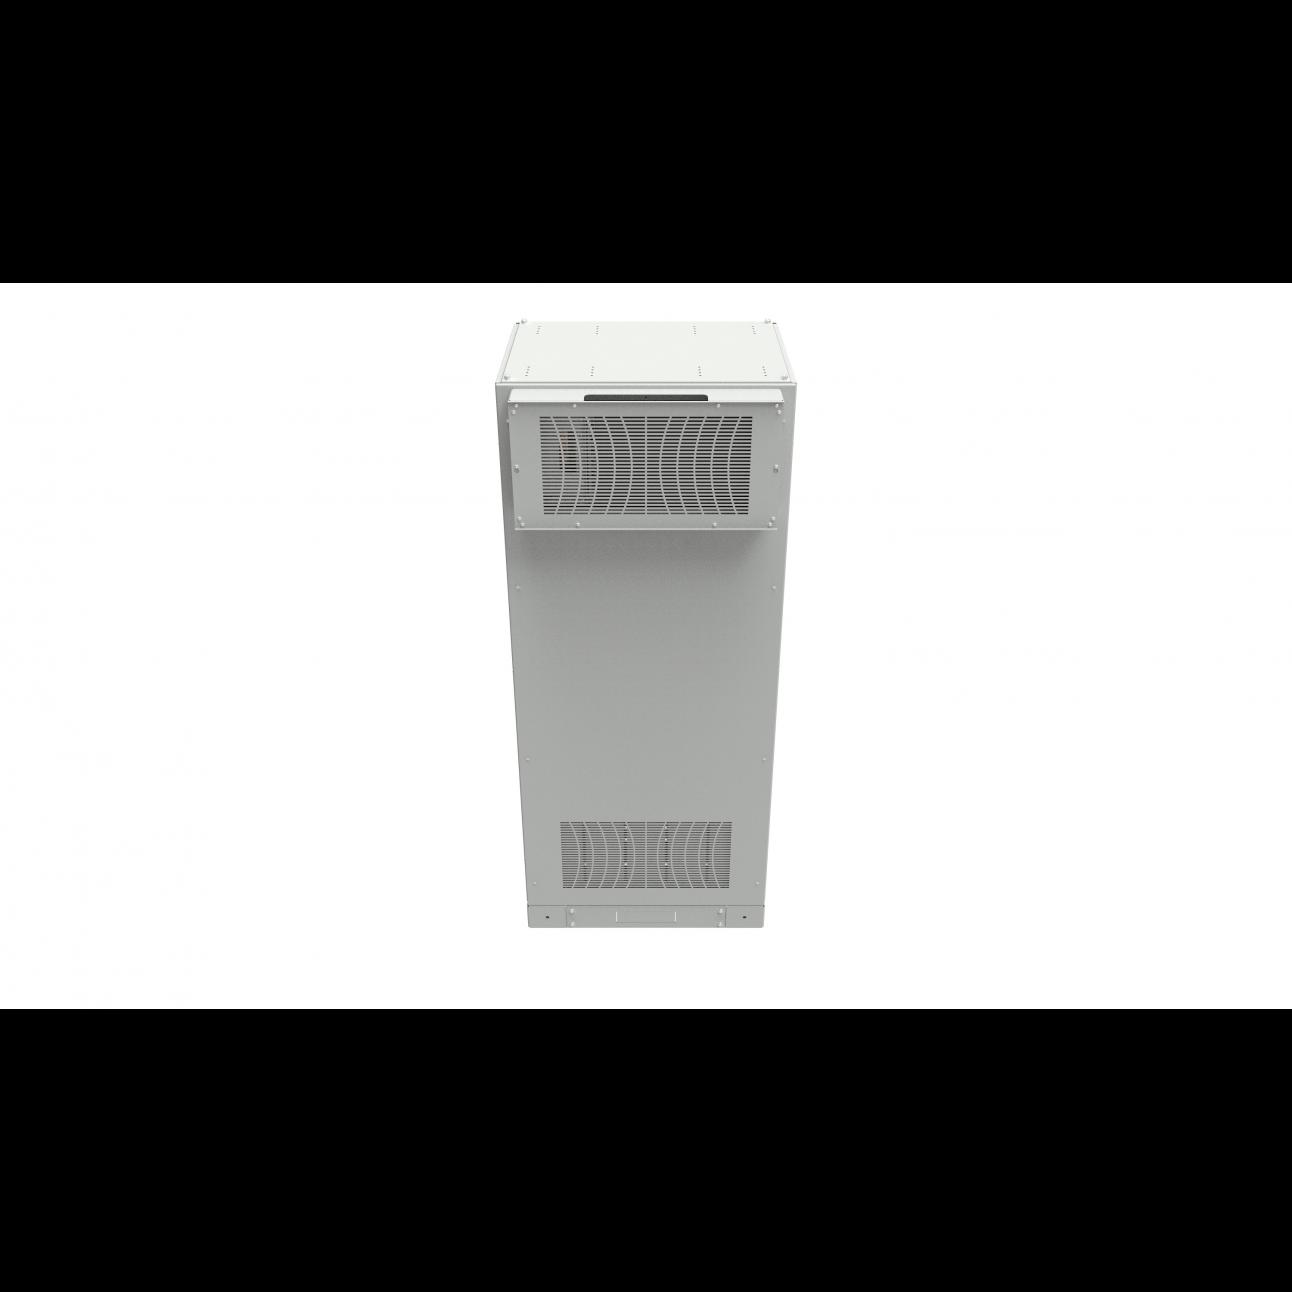 Система бесперебойного питания мощностью 10 кВА / 9 кВт, фаза 3:1, время автономии 37 мин